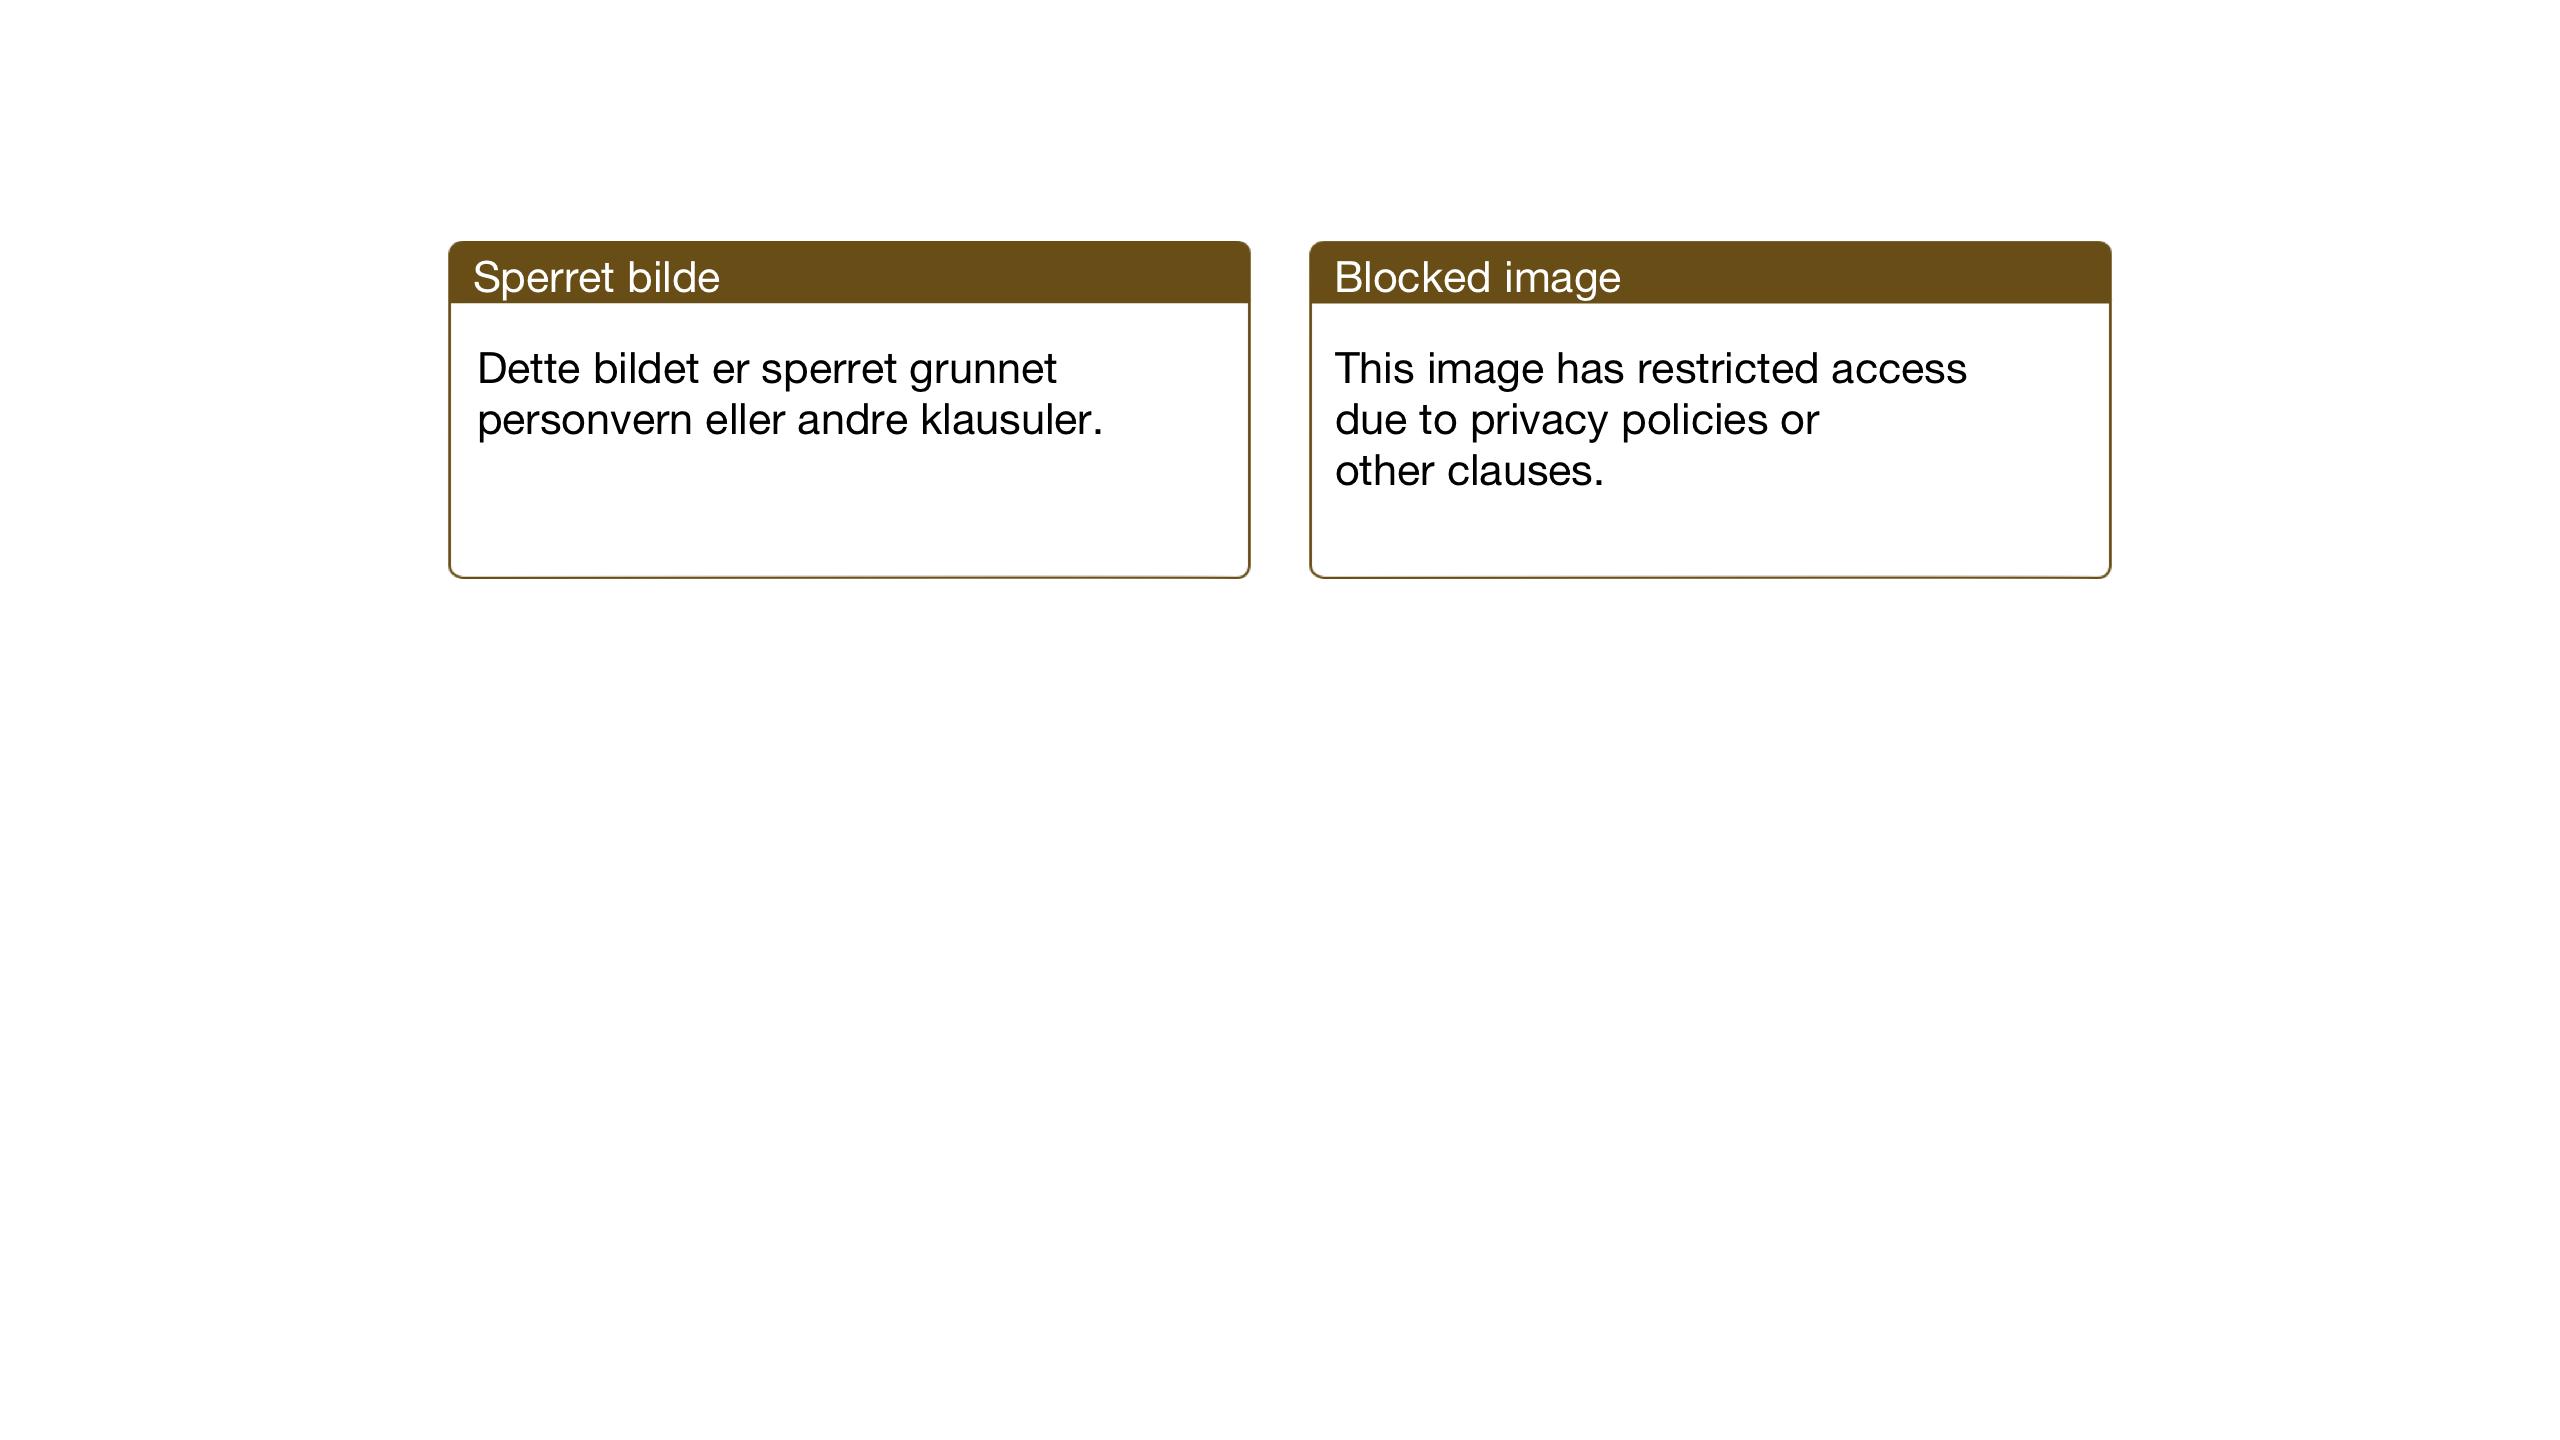 SAT, Ministerialprotokoller, klokkerbøker og fødselsregistre - Nord-Trøndelag, 773/L0625: Klokkerbok nr. 773C01, 1910-1952, s. 97